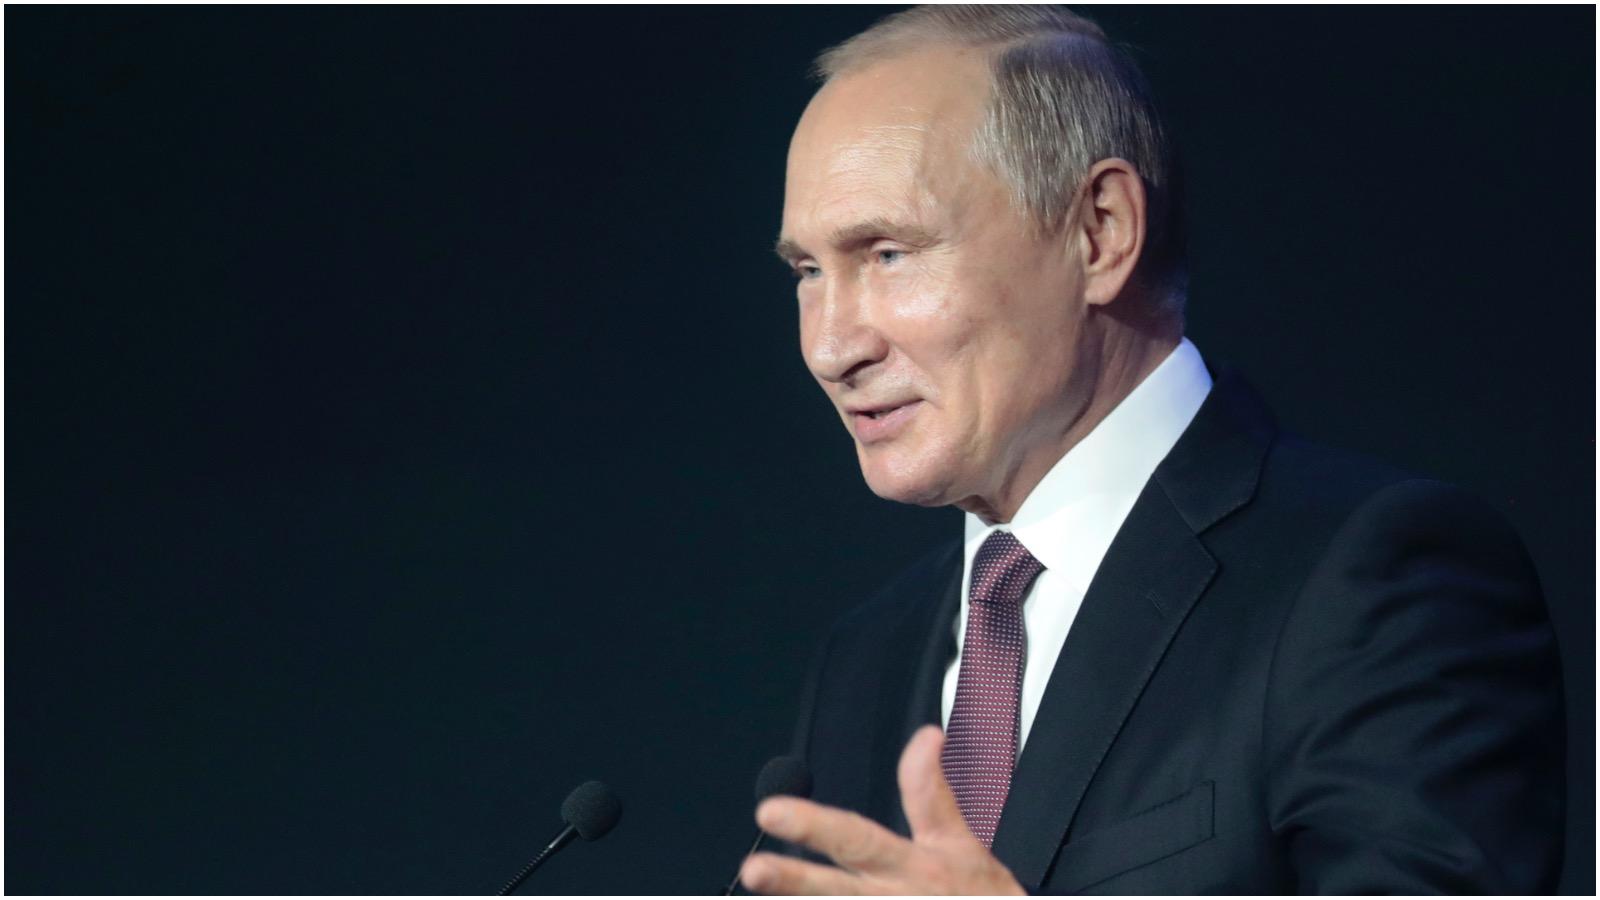 Cybersikkerhedsekspert Bogdan Botezatu: Cyberkrigsførelsens effekter er lige så virkelige som effekterne af selve krigen. At nedlægge en suveræn stats infrastruktur er ren ødelæggelse